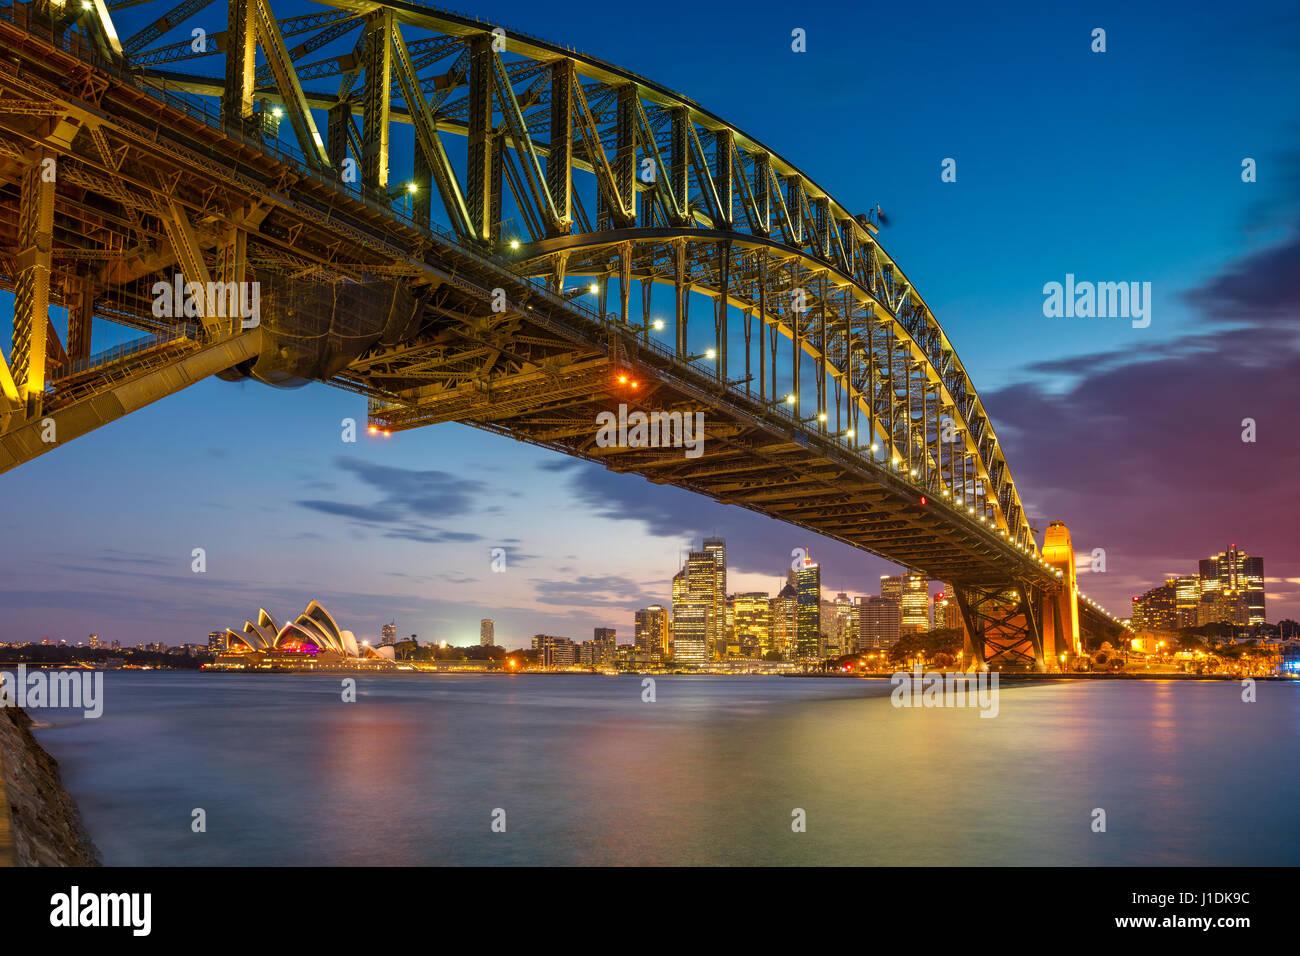 Sydney. Cityscape image of Sydney, Australia with Harbour Bridge at sunset. - Stock Image